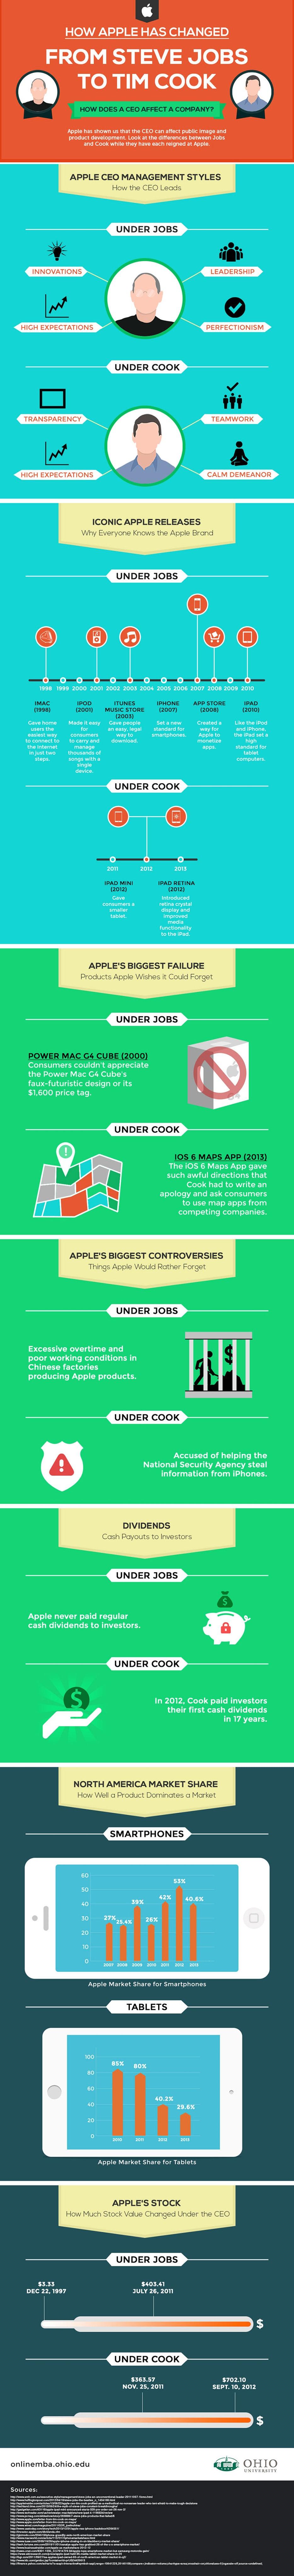 Steve Jobs vs. Tim Cook